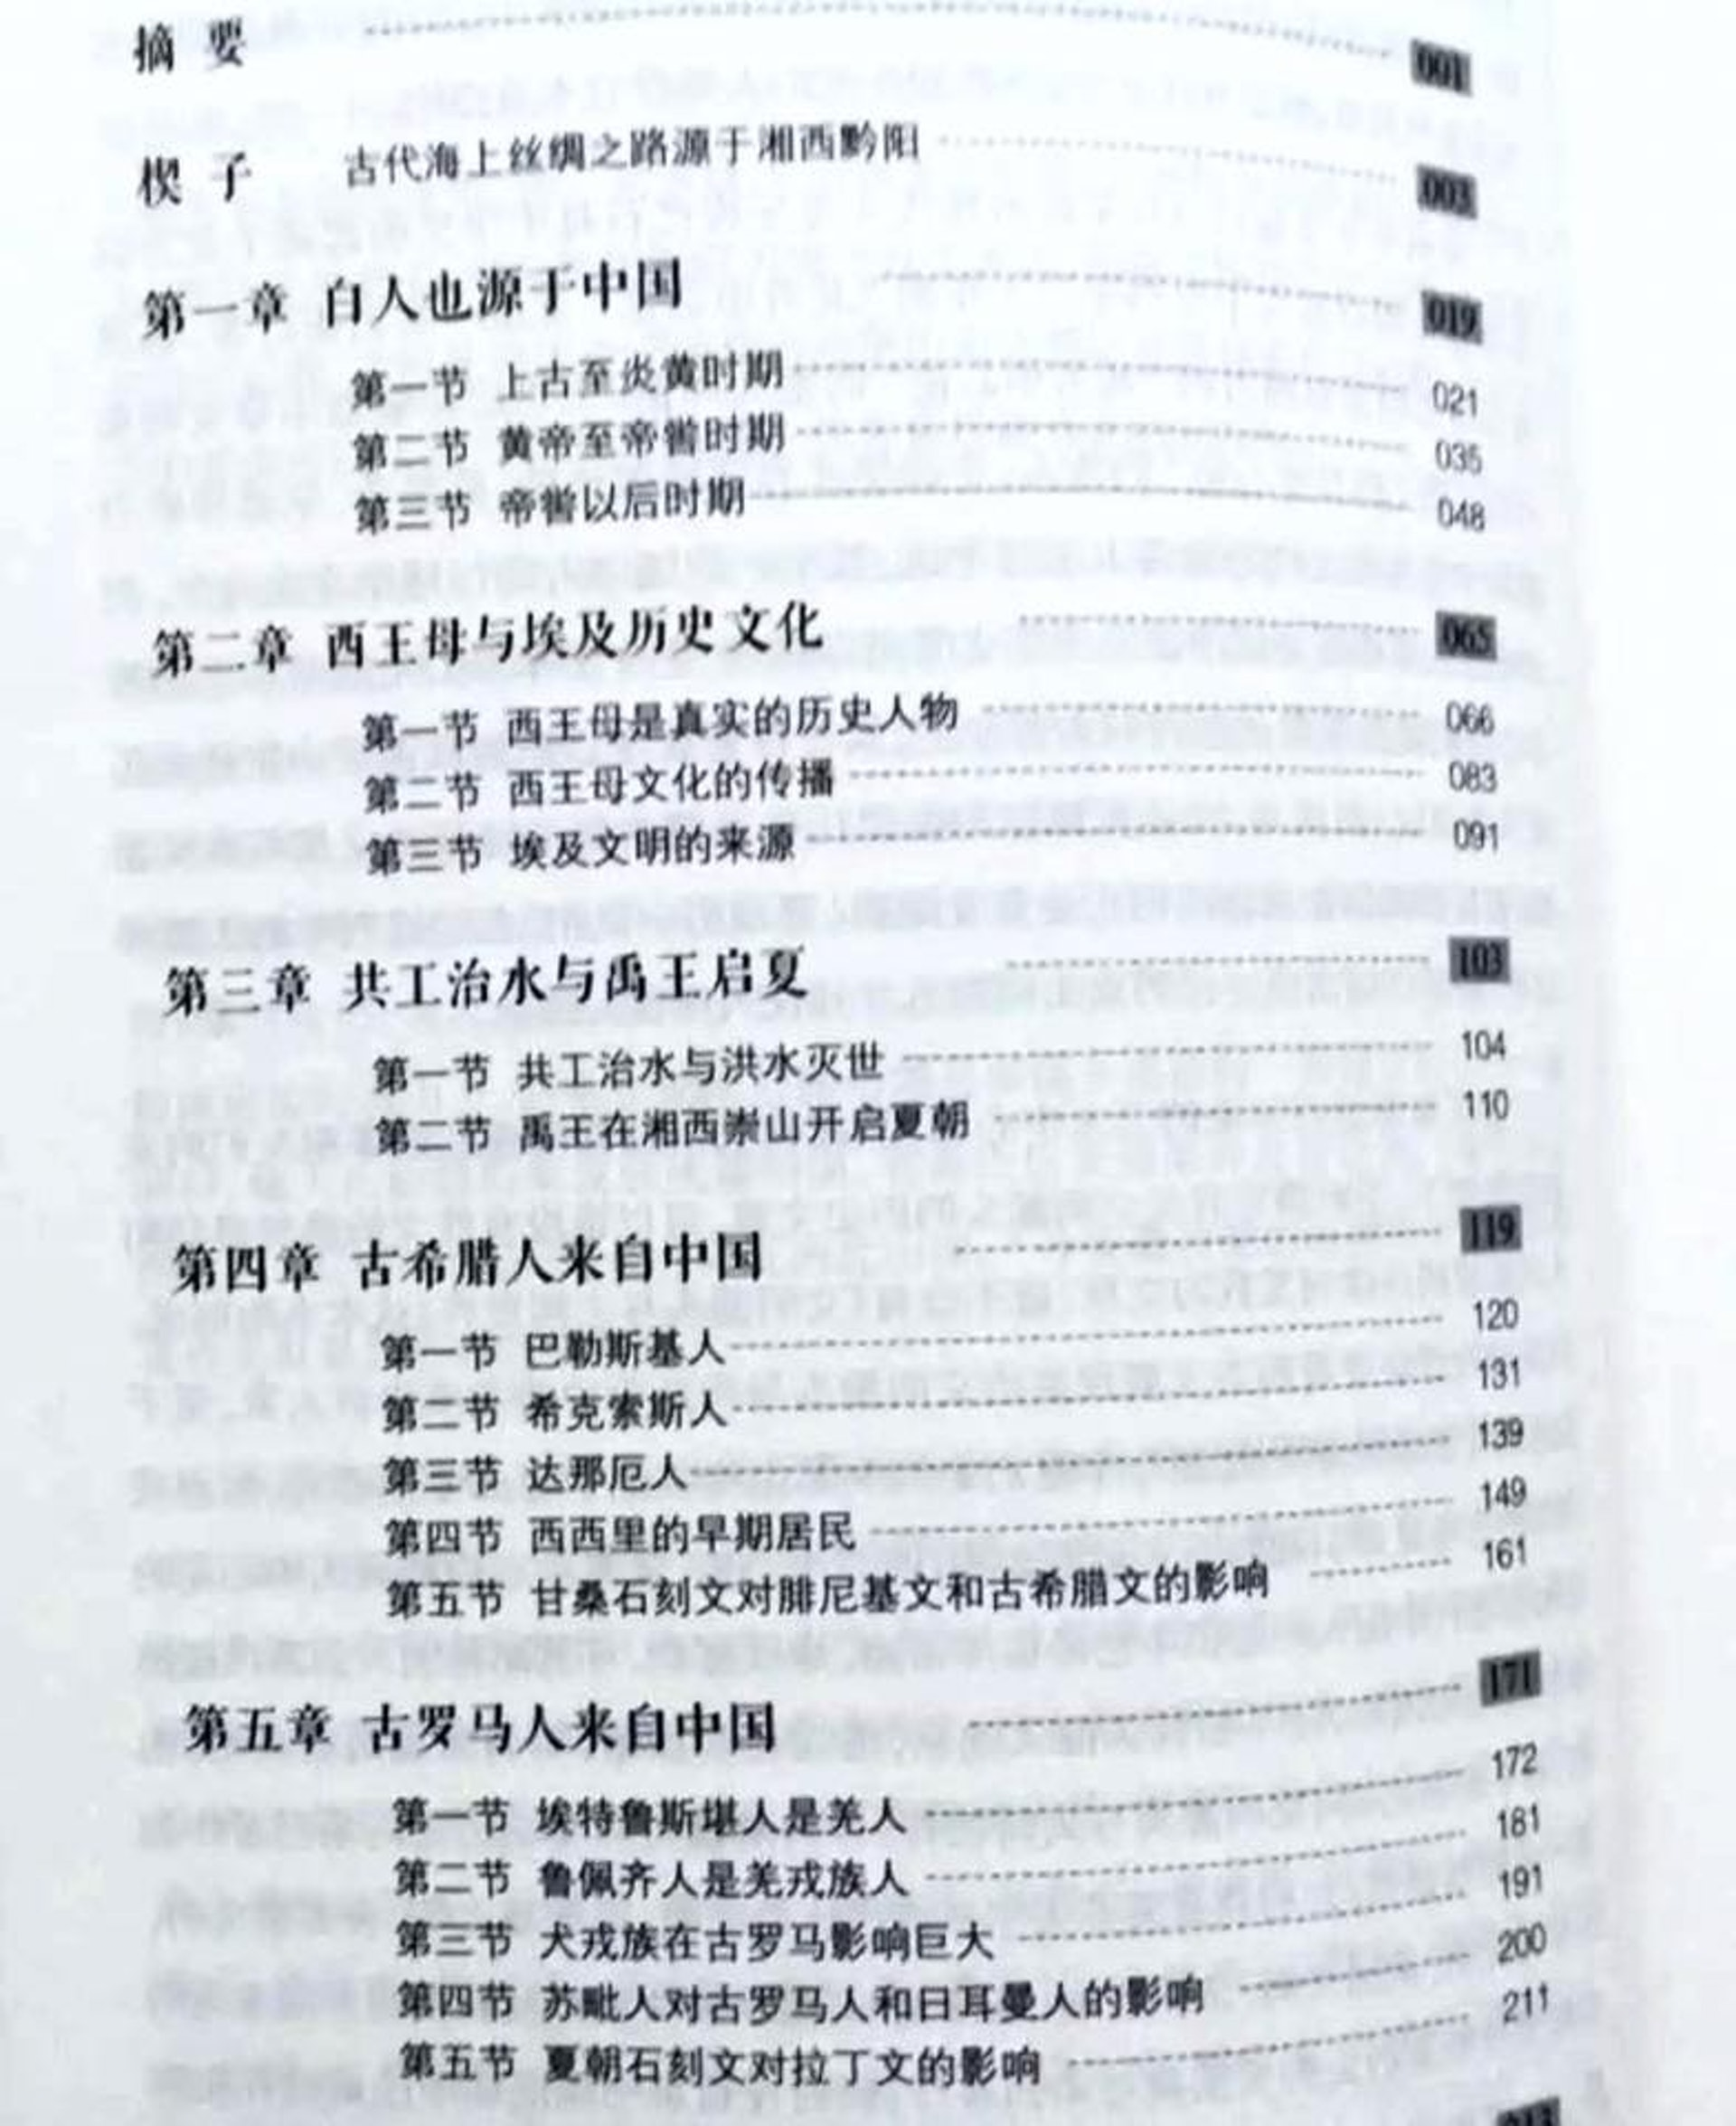 杜鋼建在書中提出的觀點引起爭議。(網上圖片)